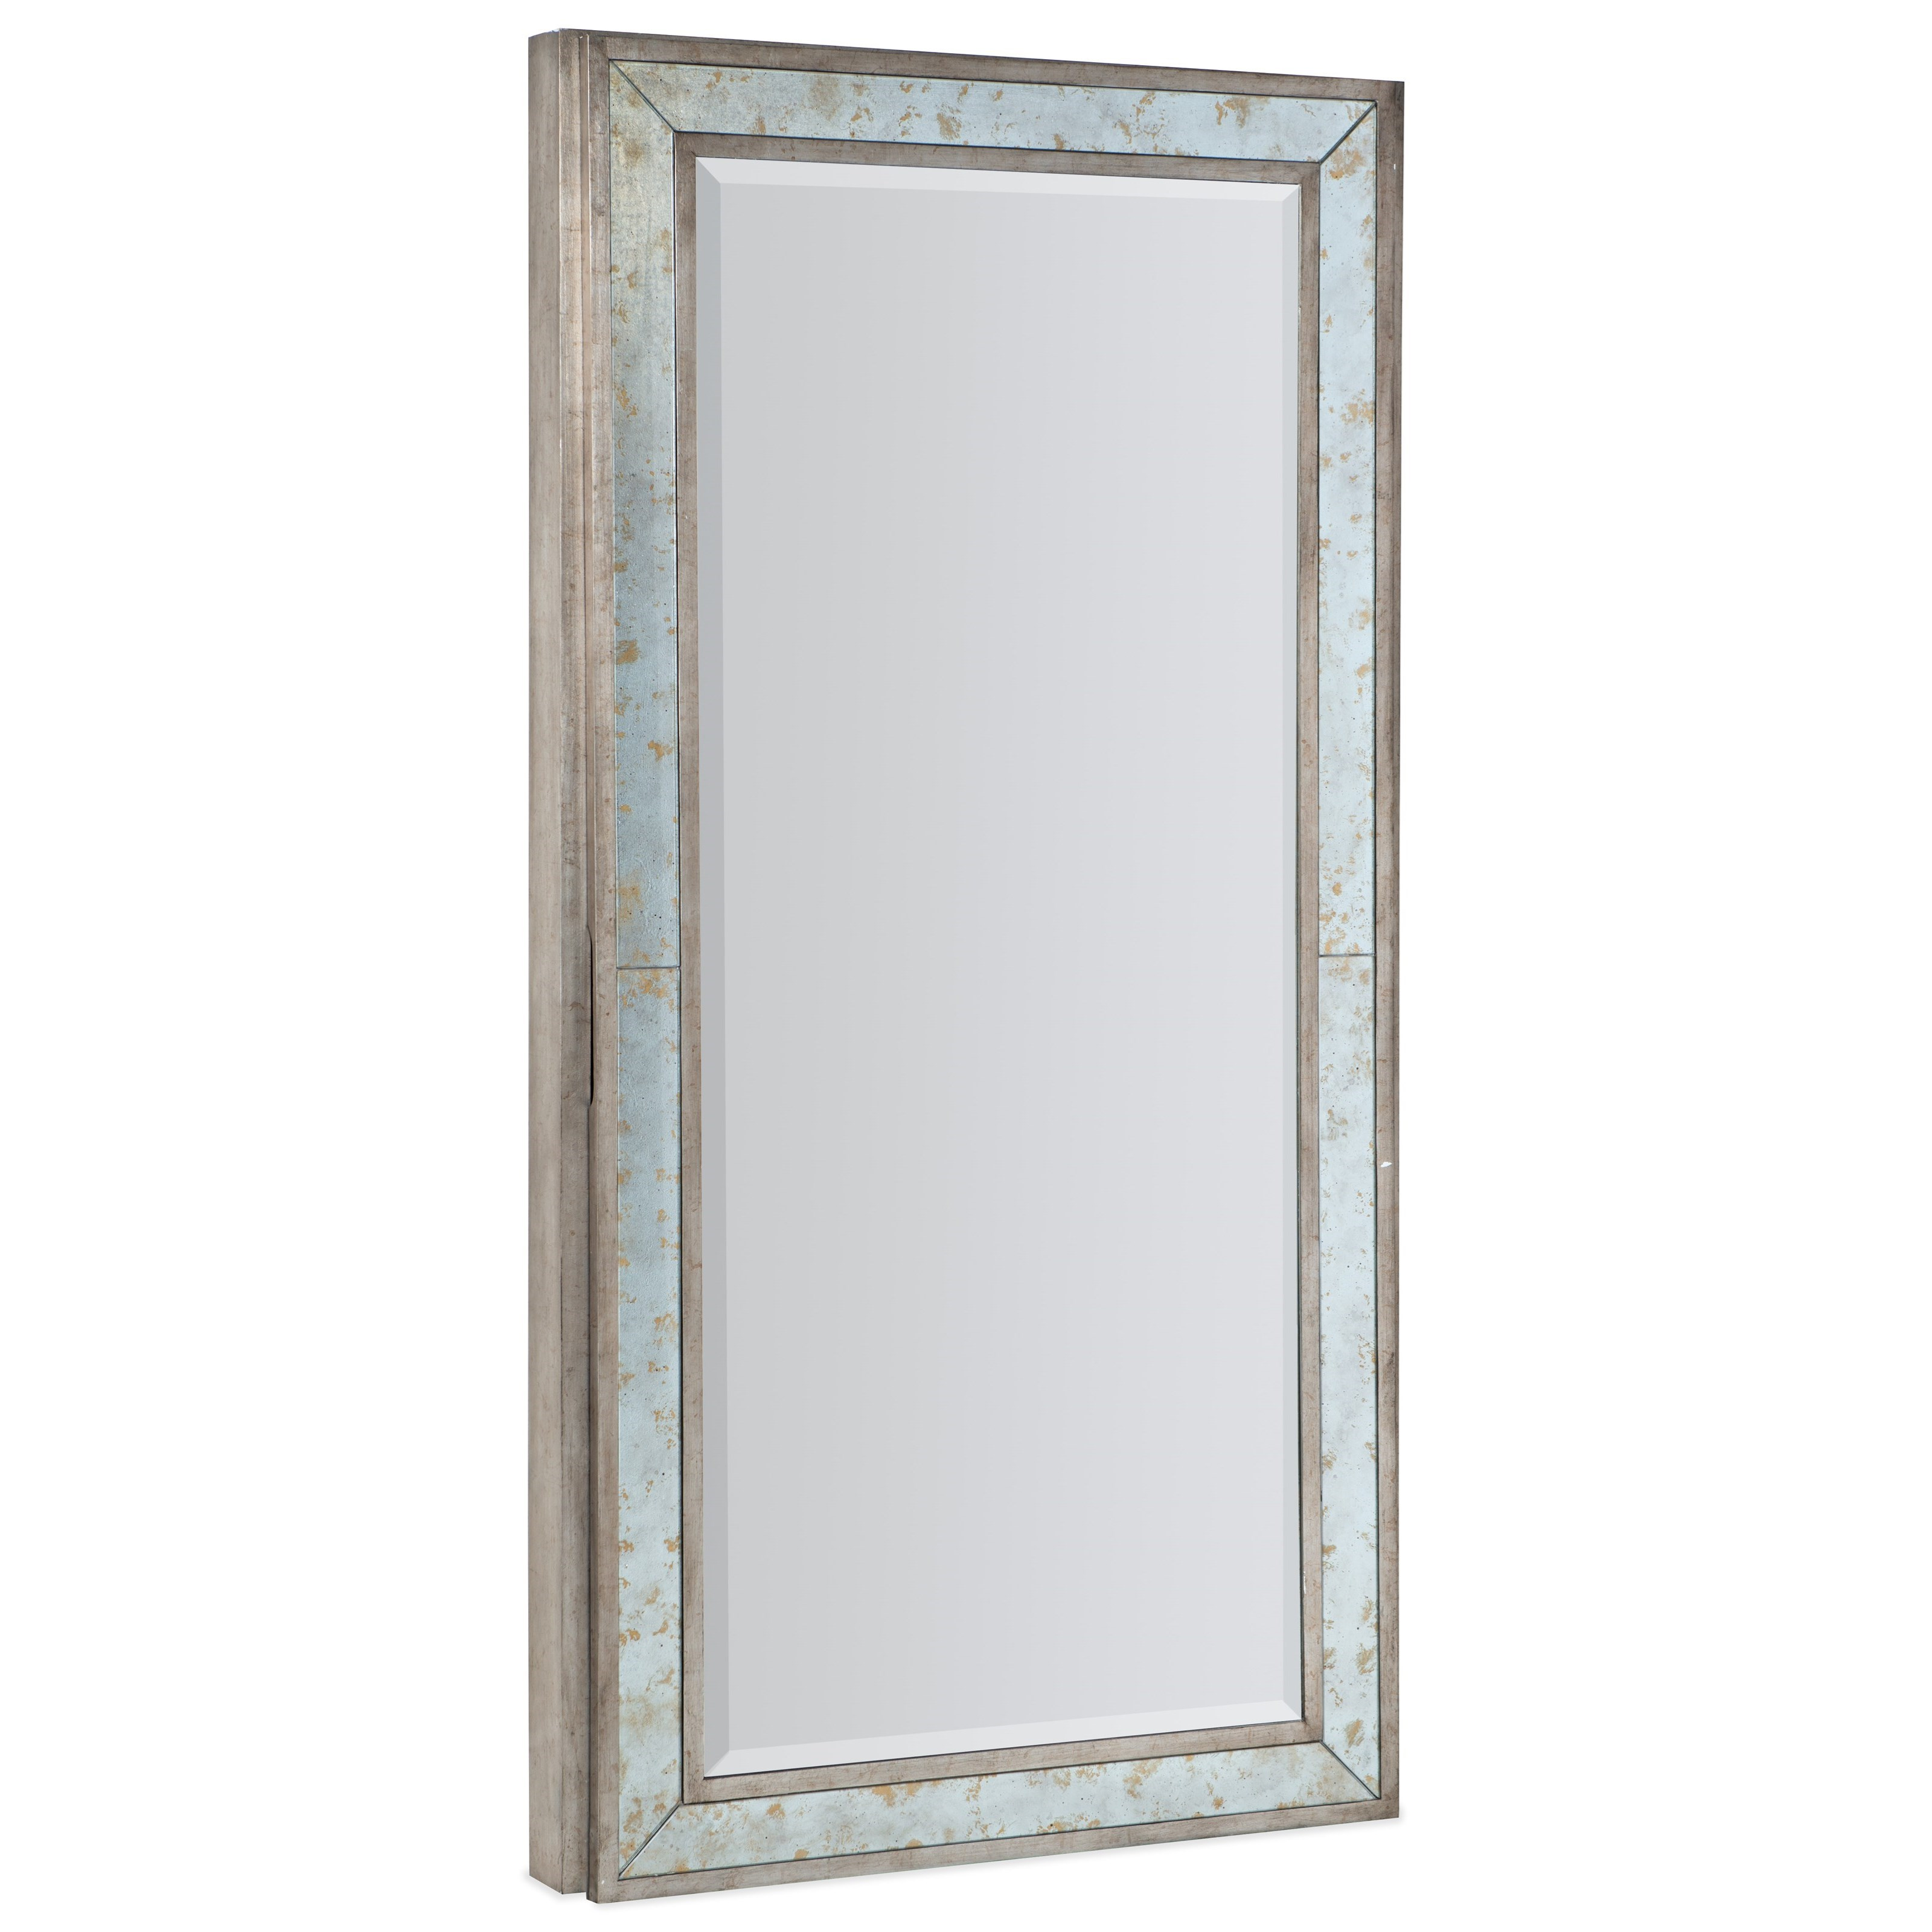 Melange McALister Floor Mirror by Hooker Furniture at Baer's Furniture